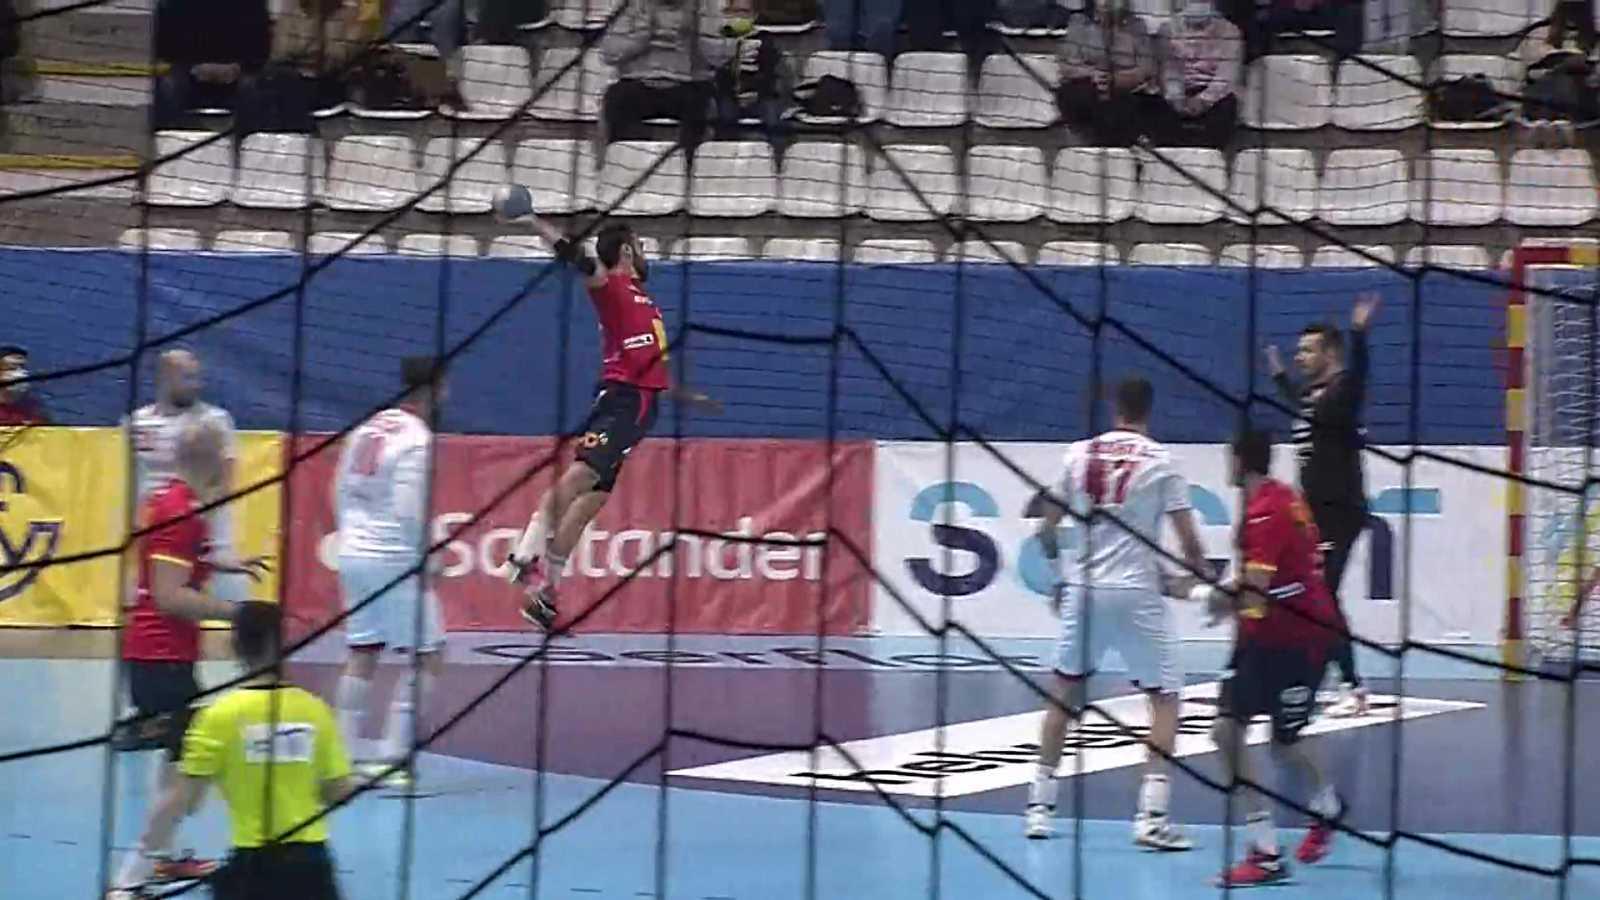 Balonmano - EHF Cup Selecciones masculinas: España - Eslovaquia - ver ahora